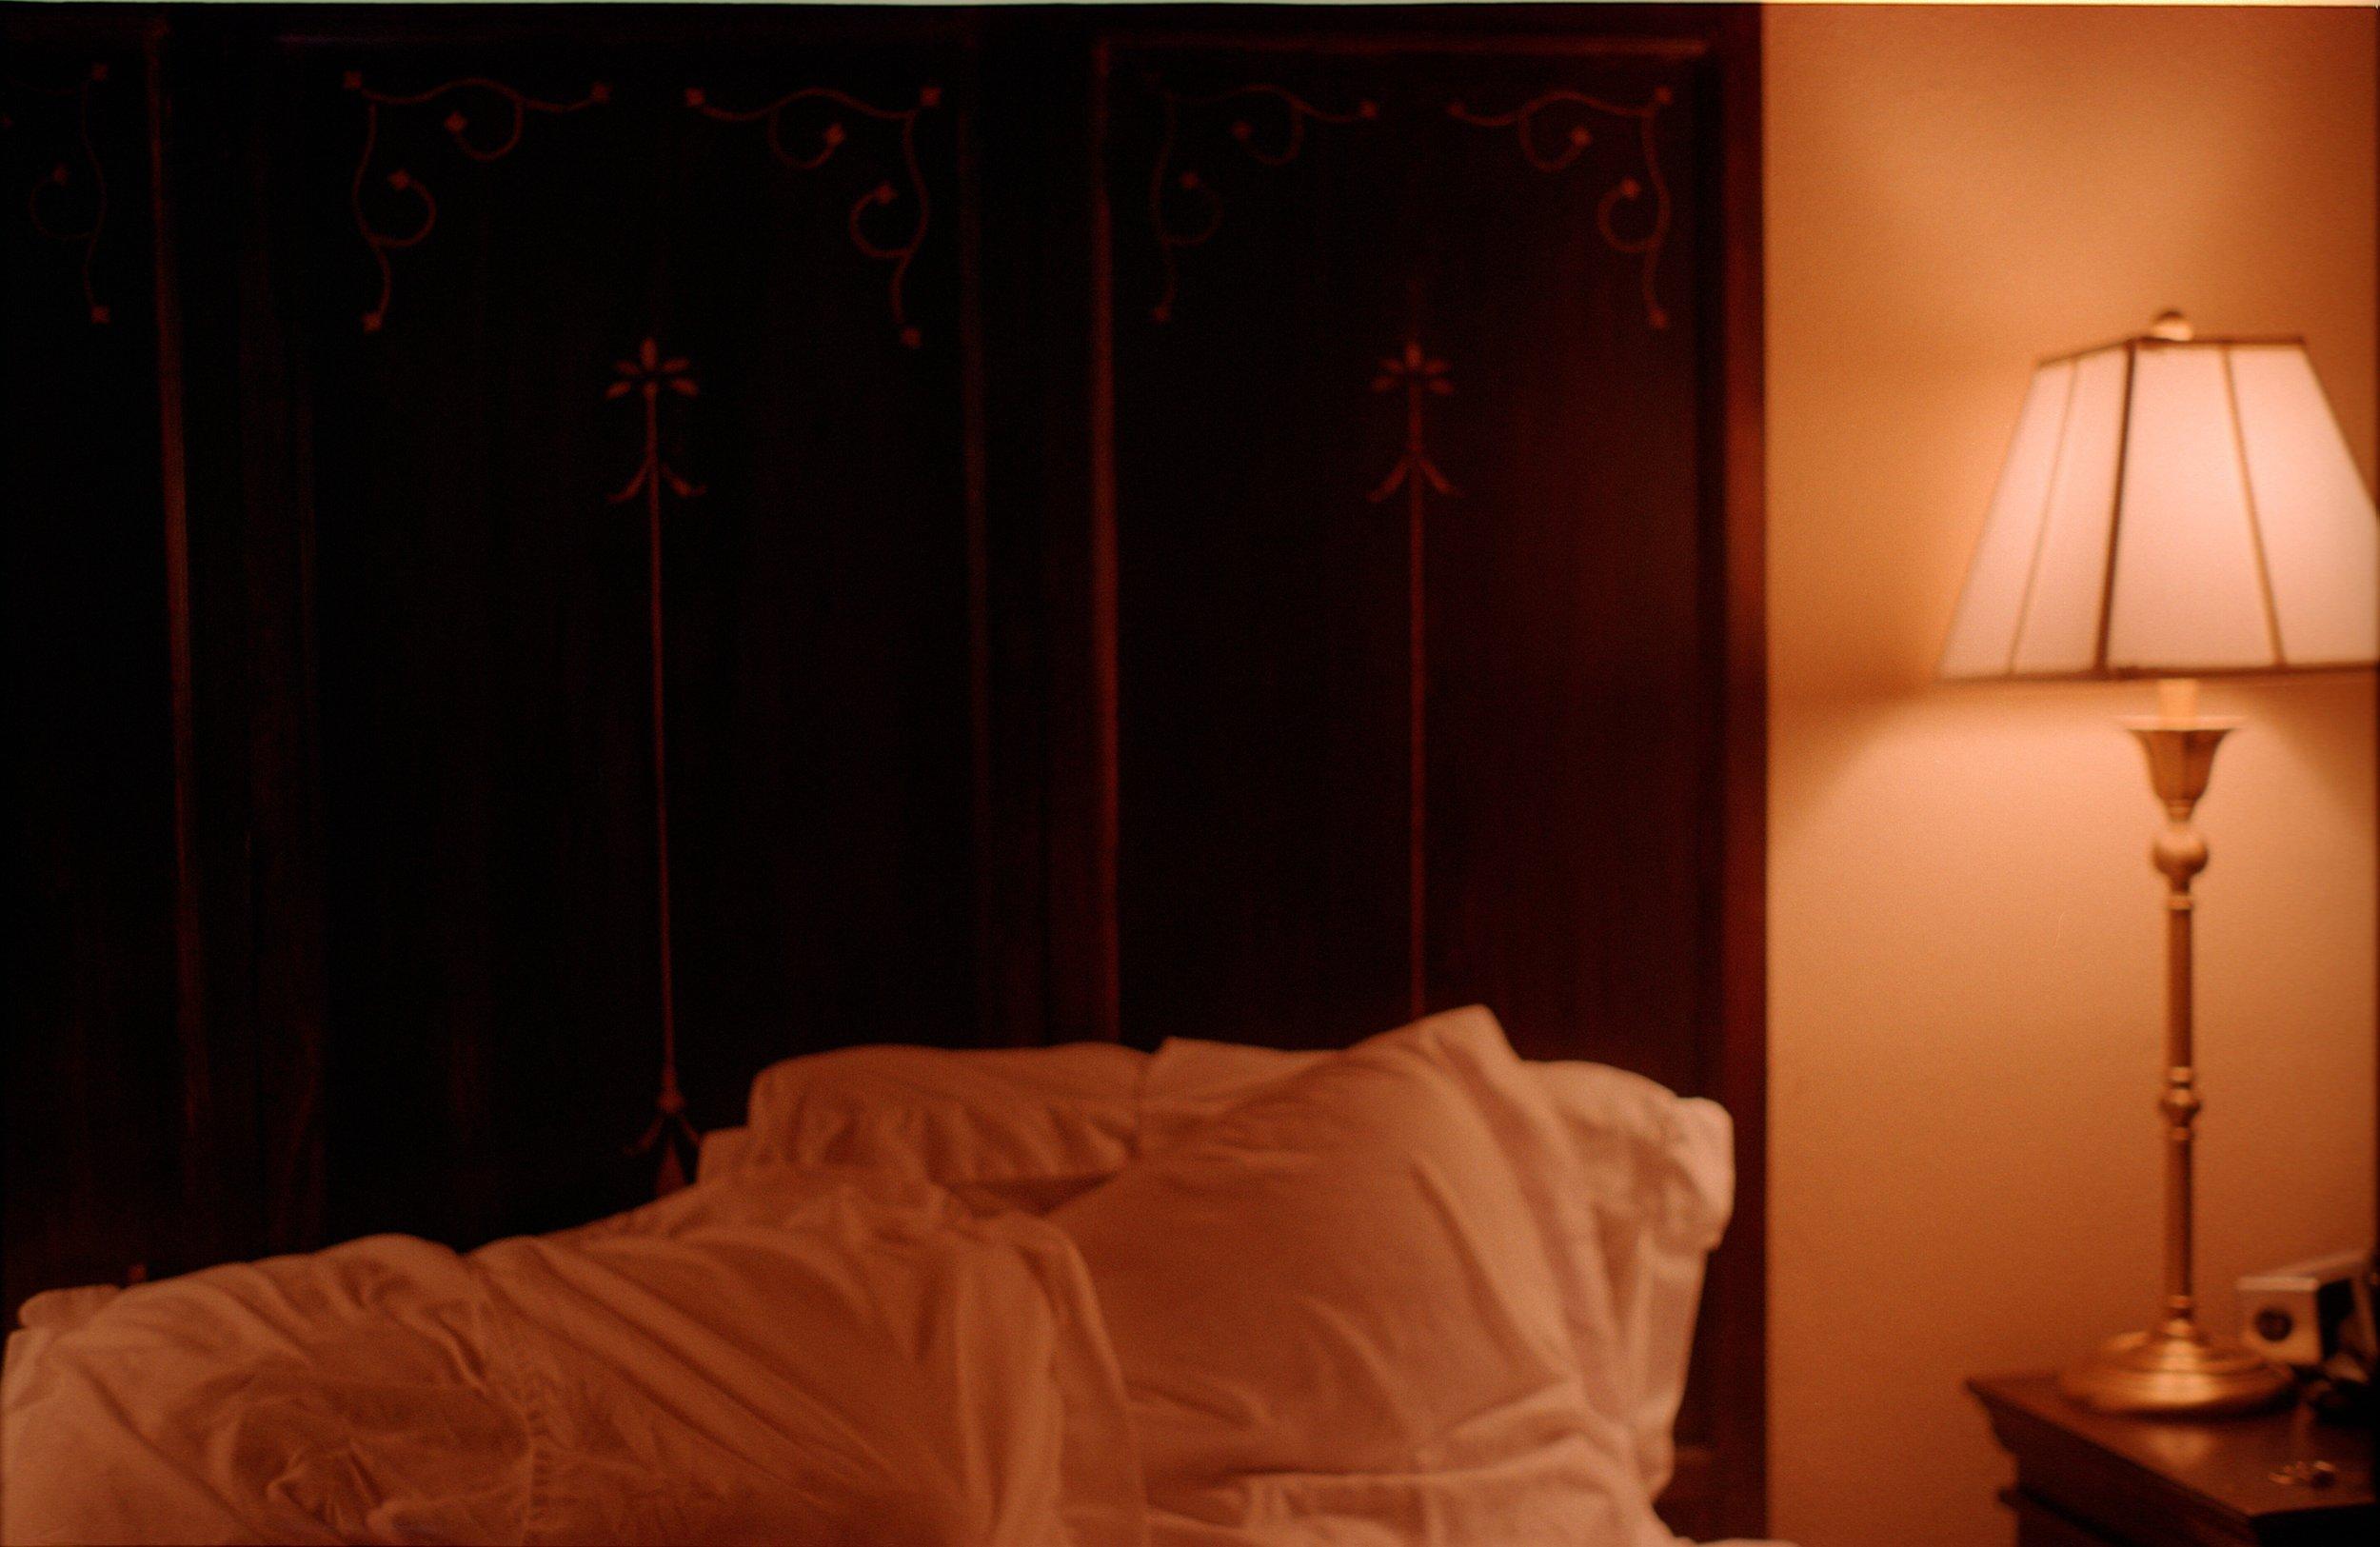 los vientos, bed and lamp